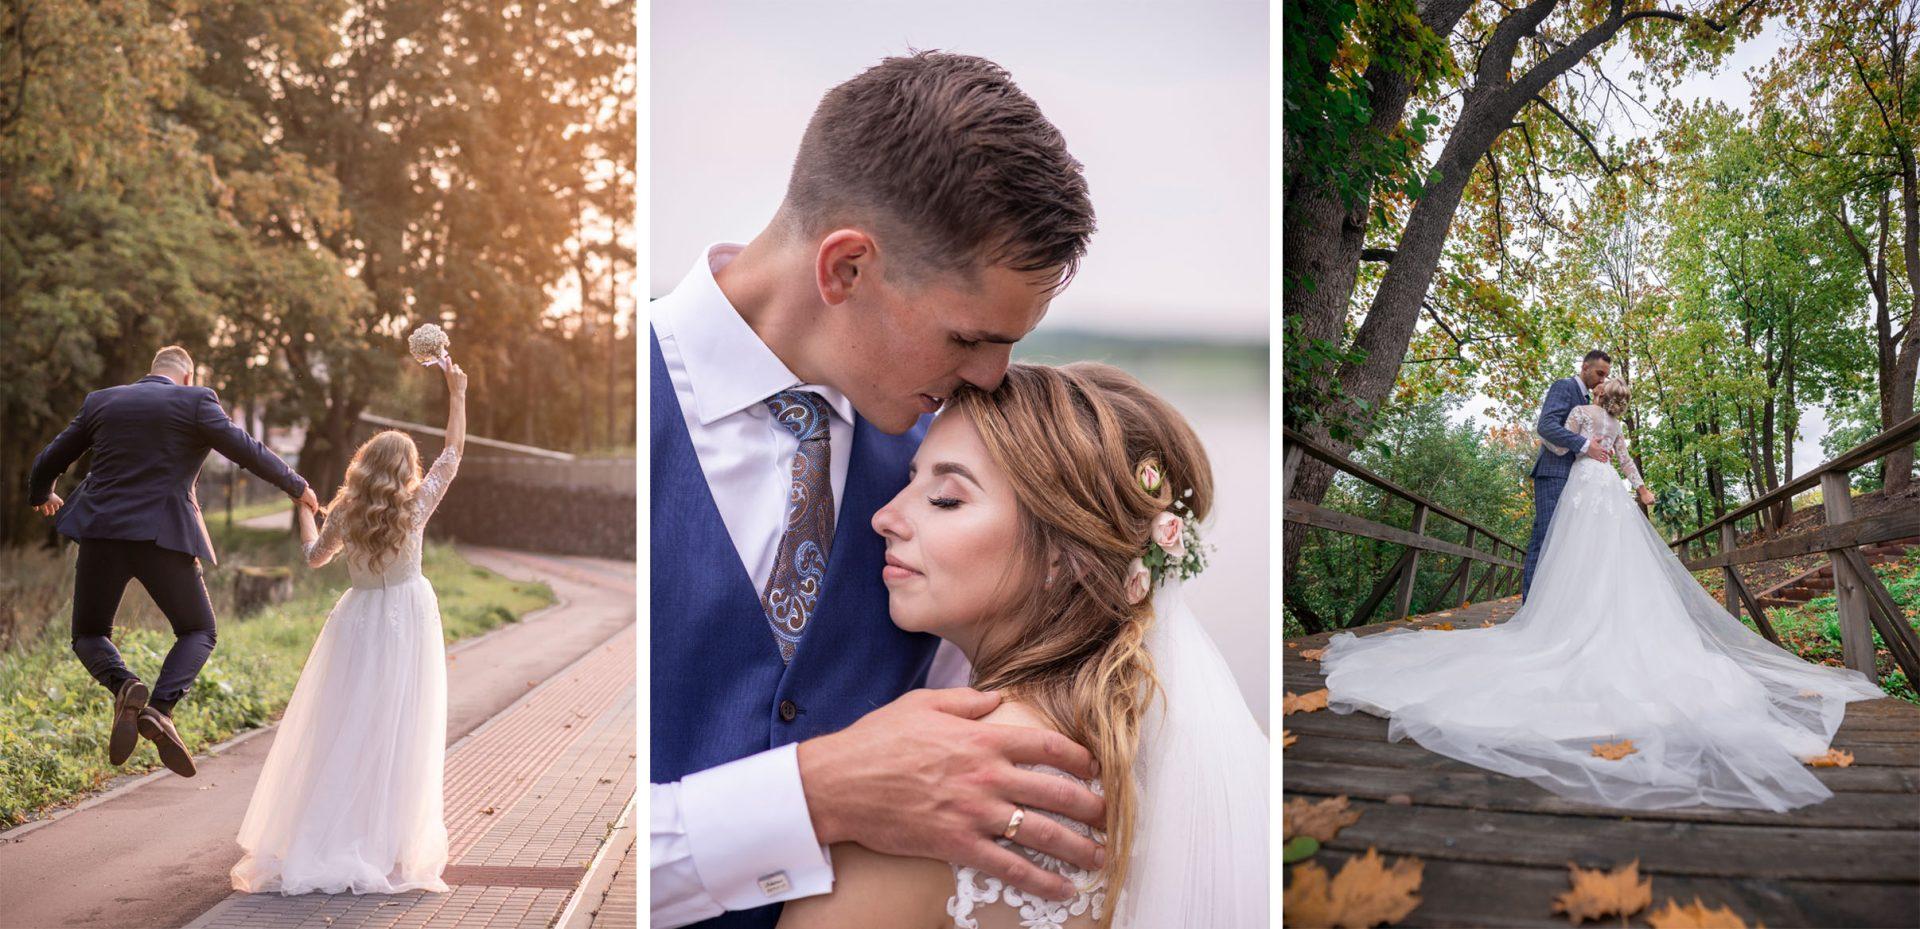 vestuvės fotografas rokas rbfoto 2021